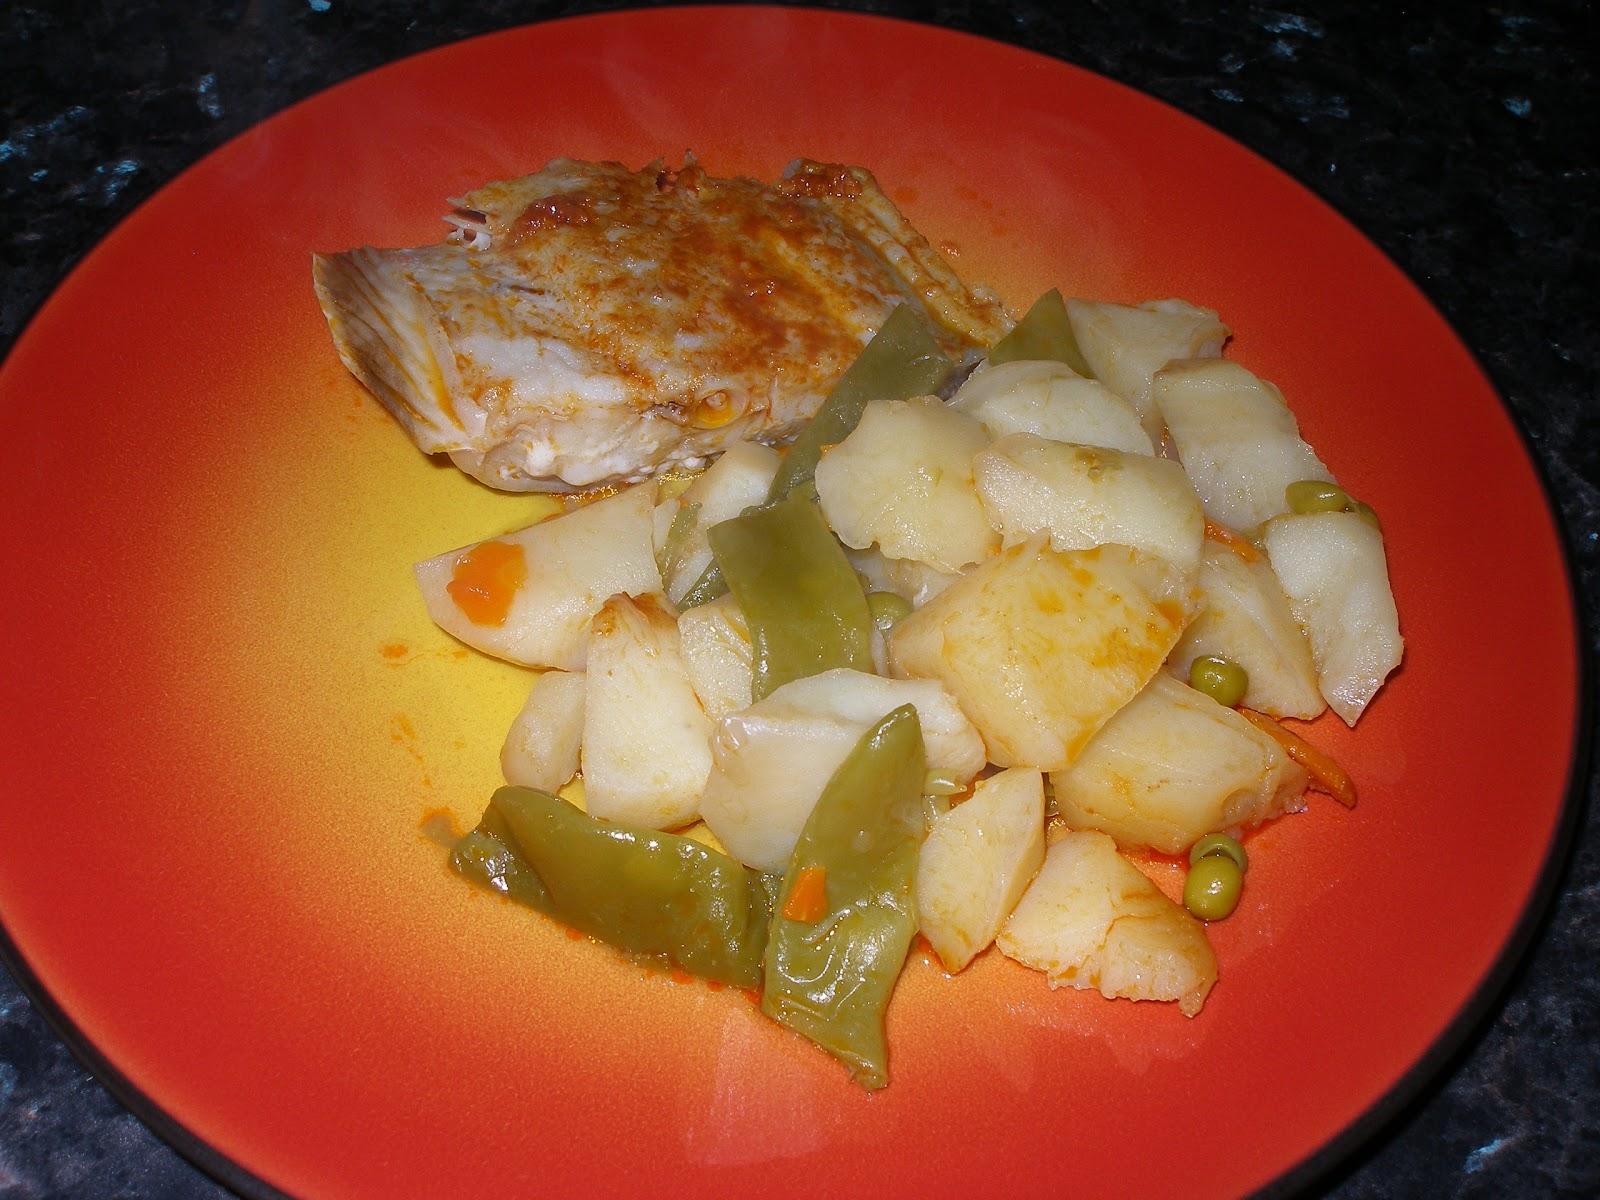 La cocina de mondie bacalao con patatas for Cocina bacalao con patatas